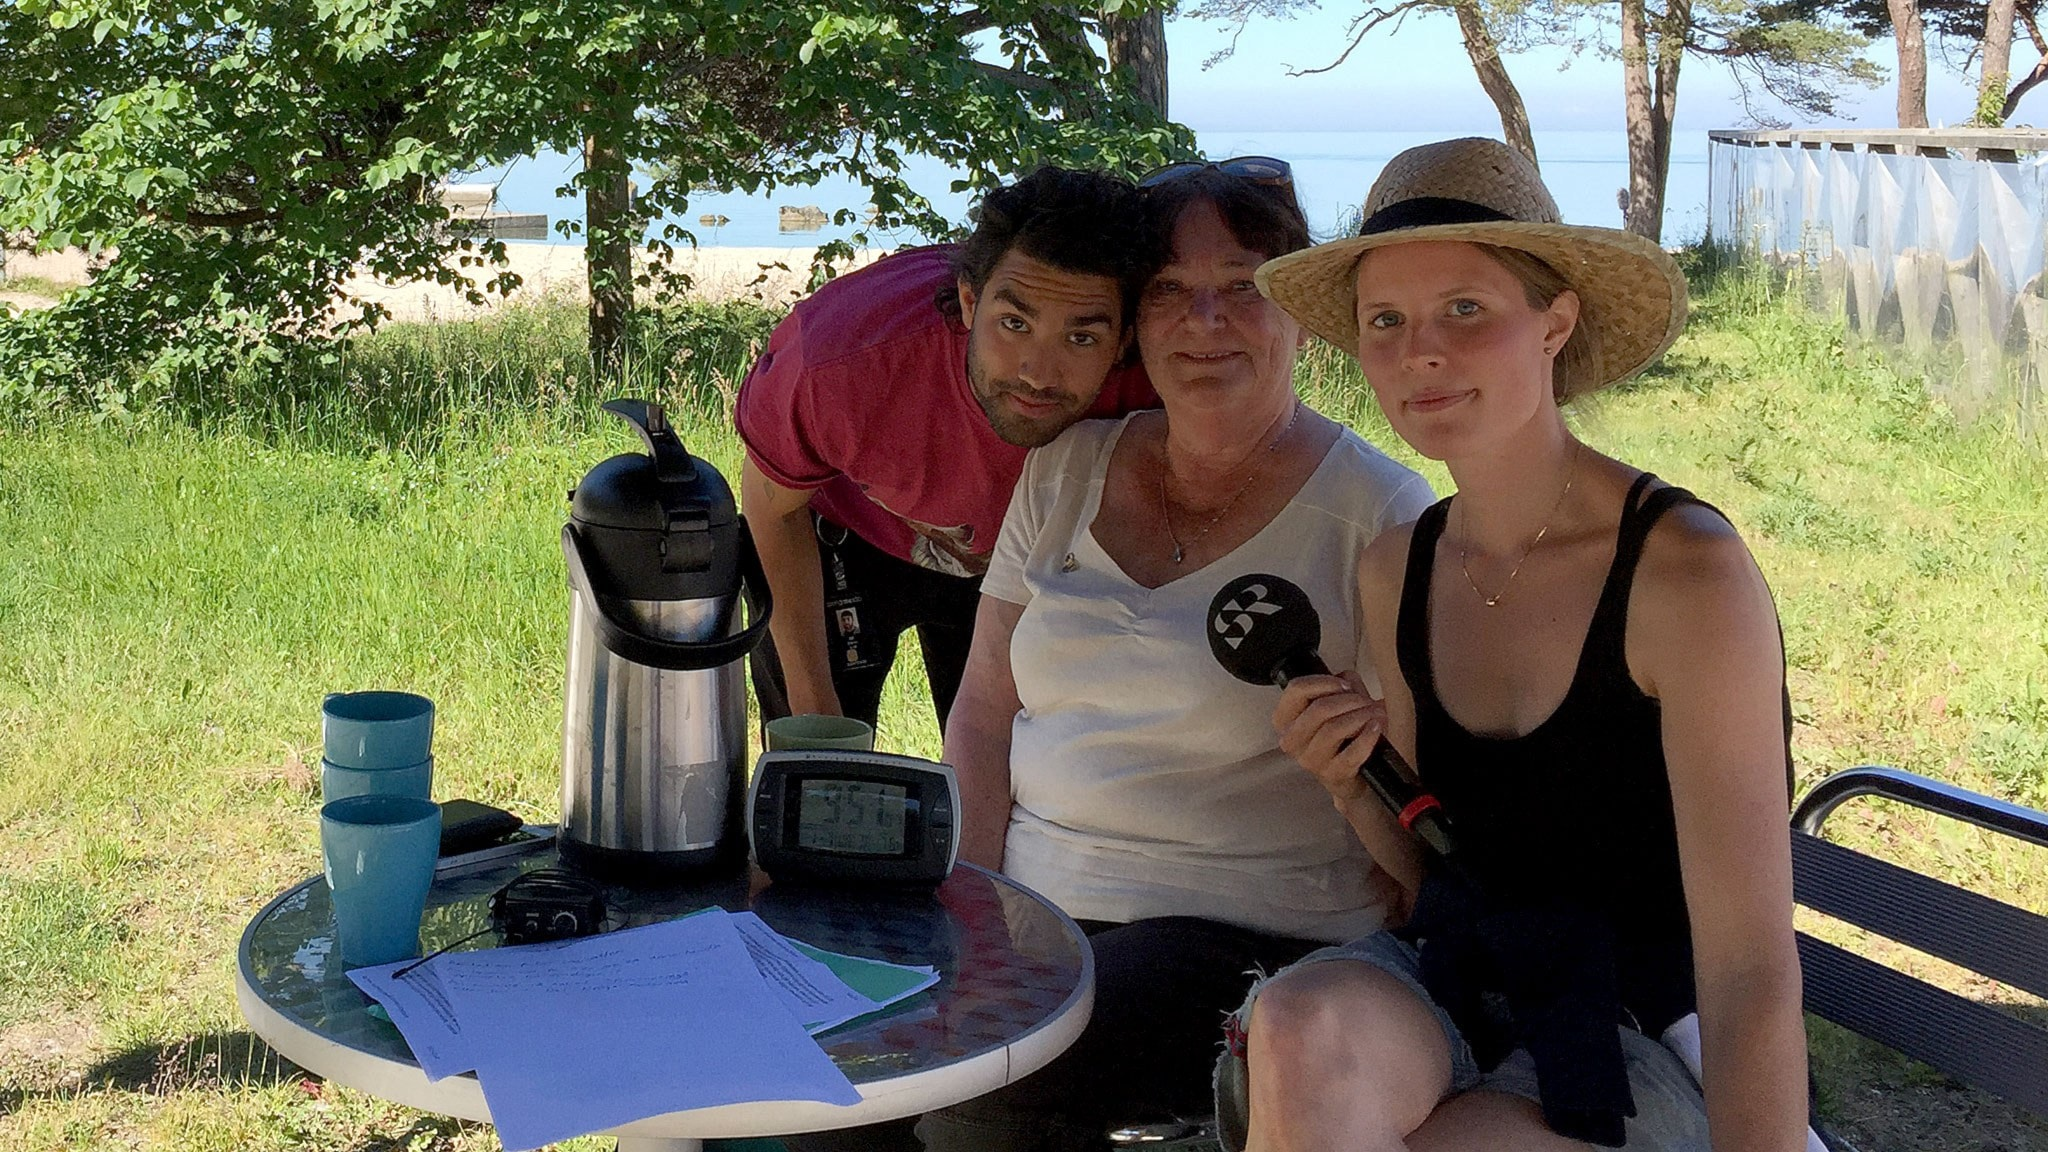 Demir Güler Lilja, Mona Neppenström och Amanda Heijbel. Foto: Sveriges Radio.